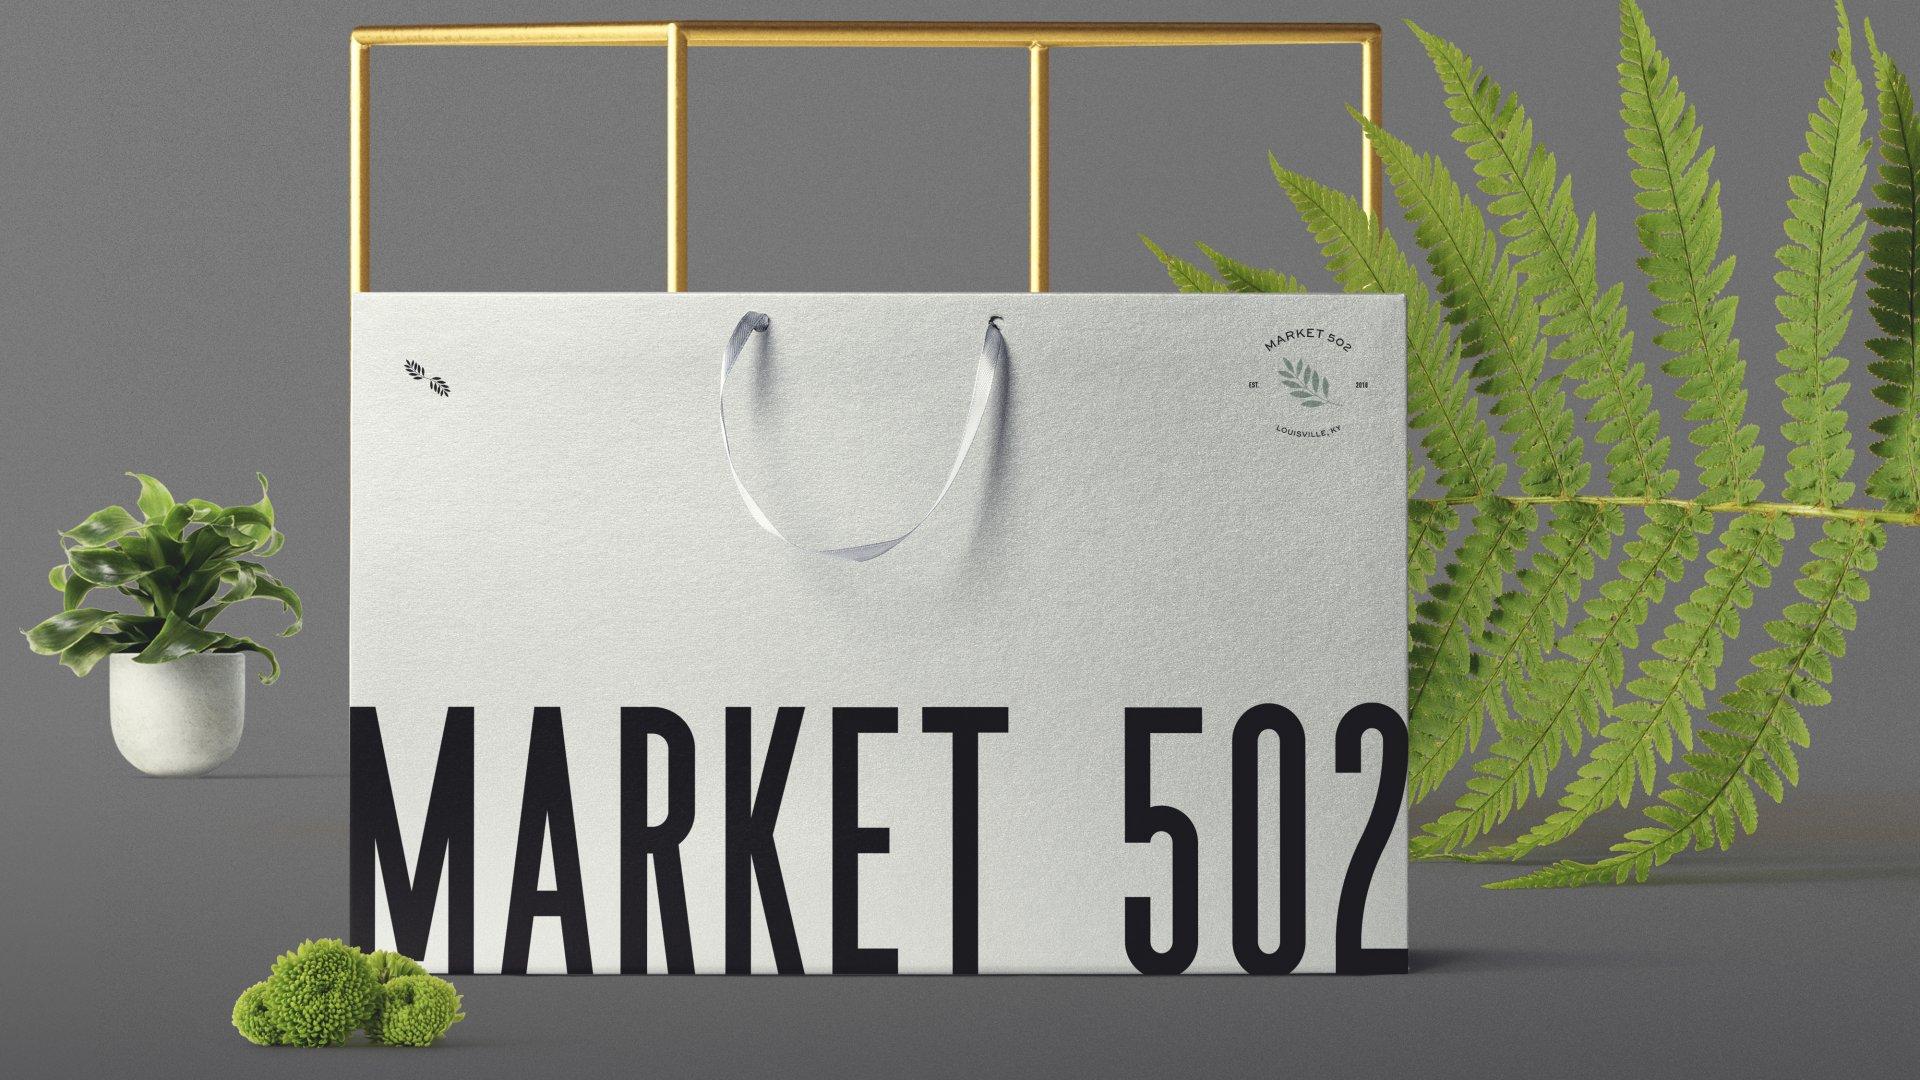 Market 502 Bag